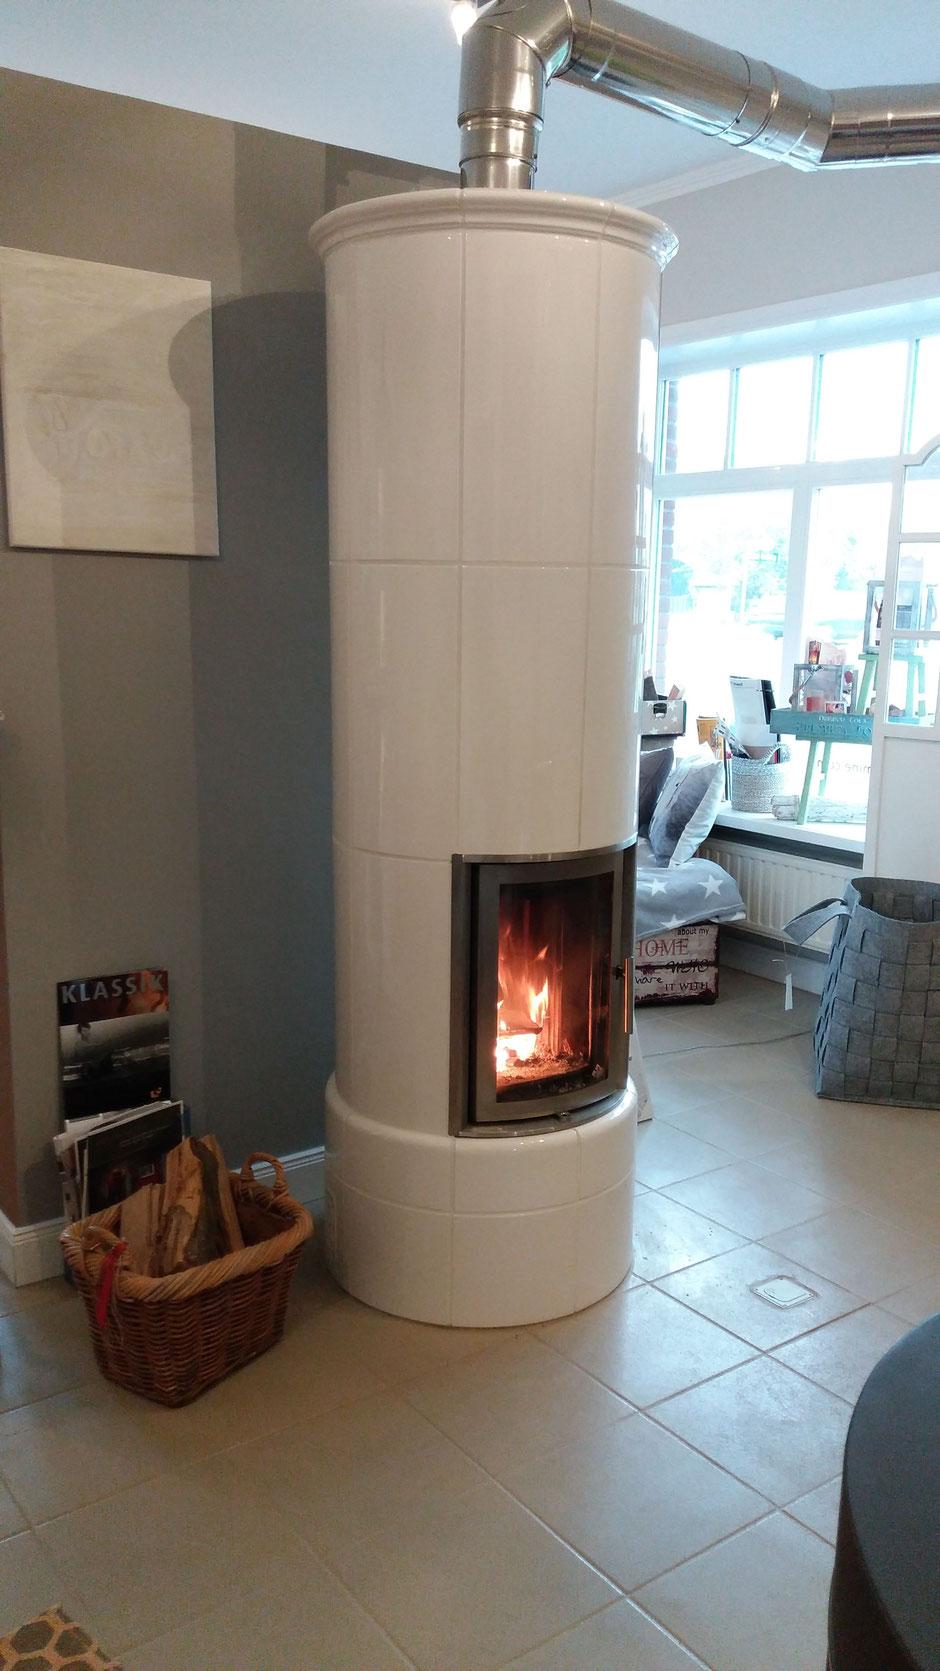 Eine wunderbarer Kombiofen für sichtbares Feuer und lange Wärmespeicherung von über 6 Stunden